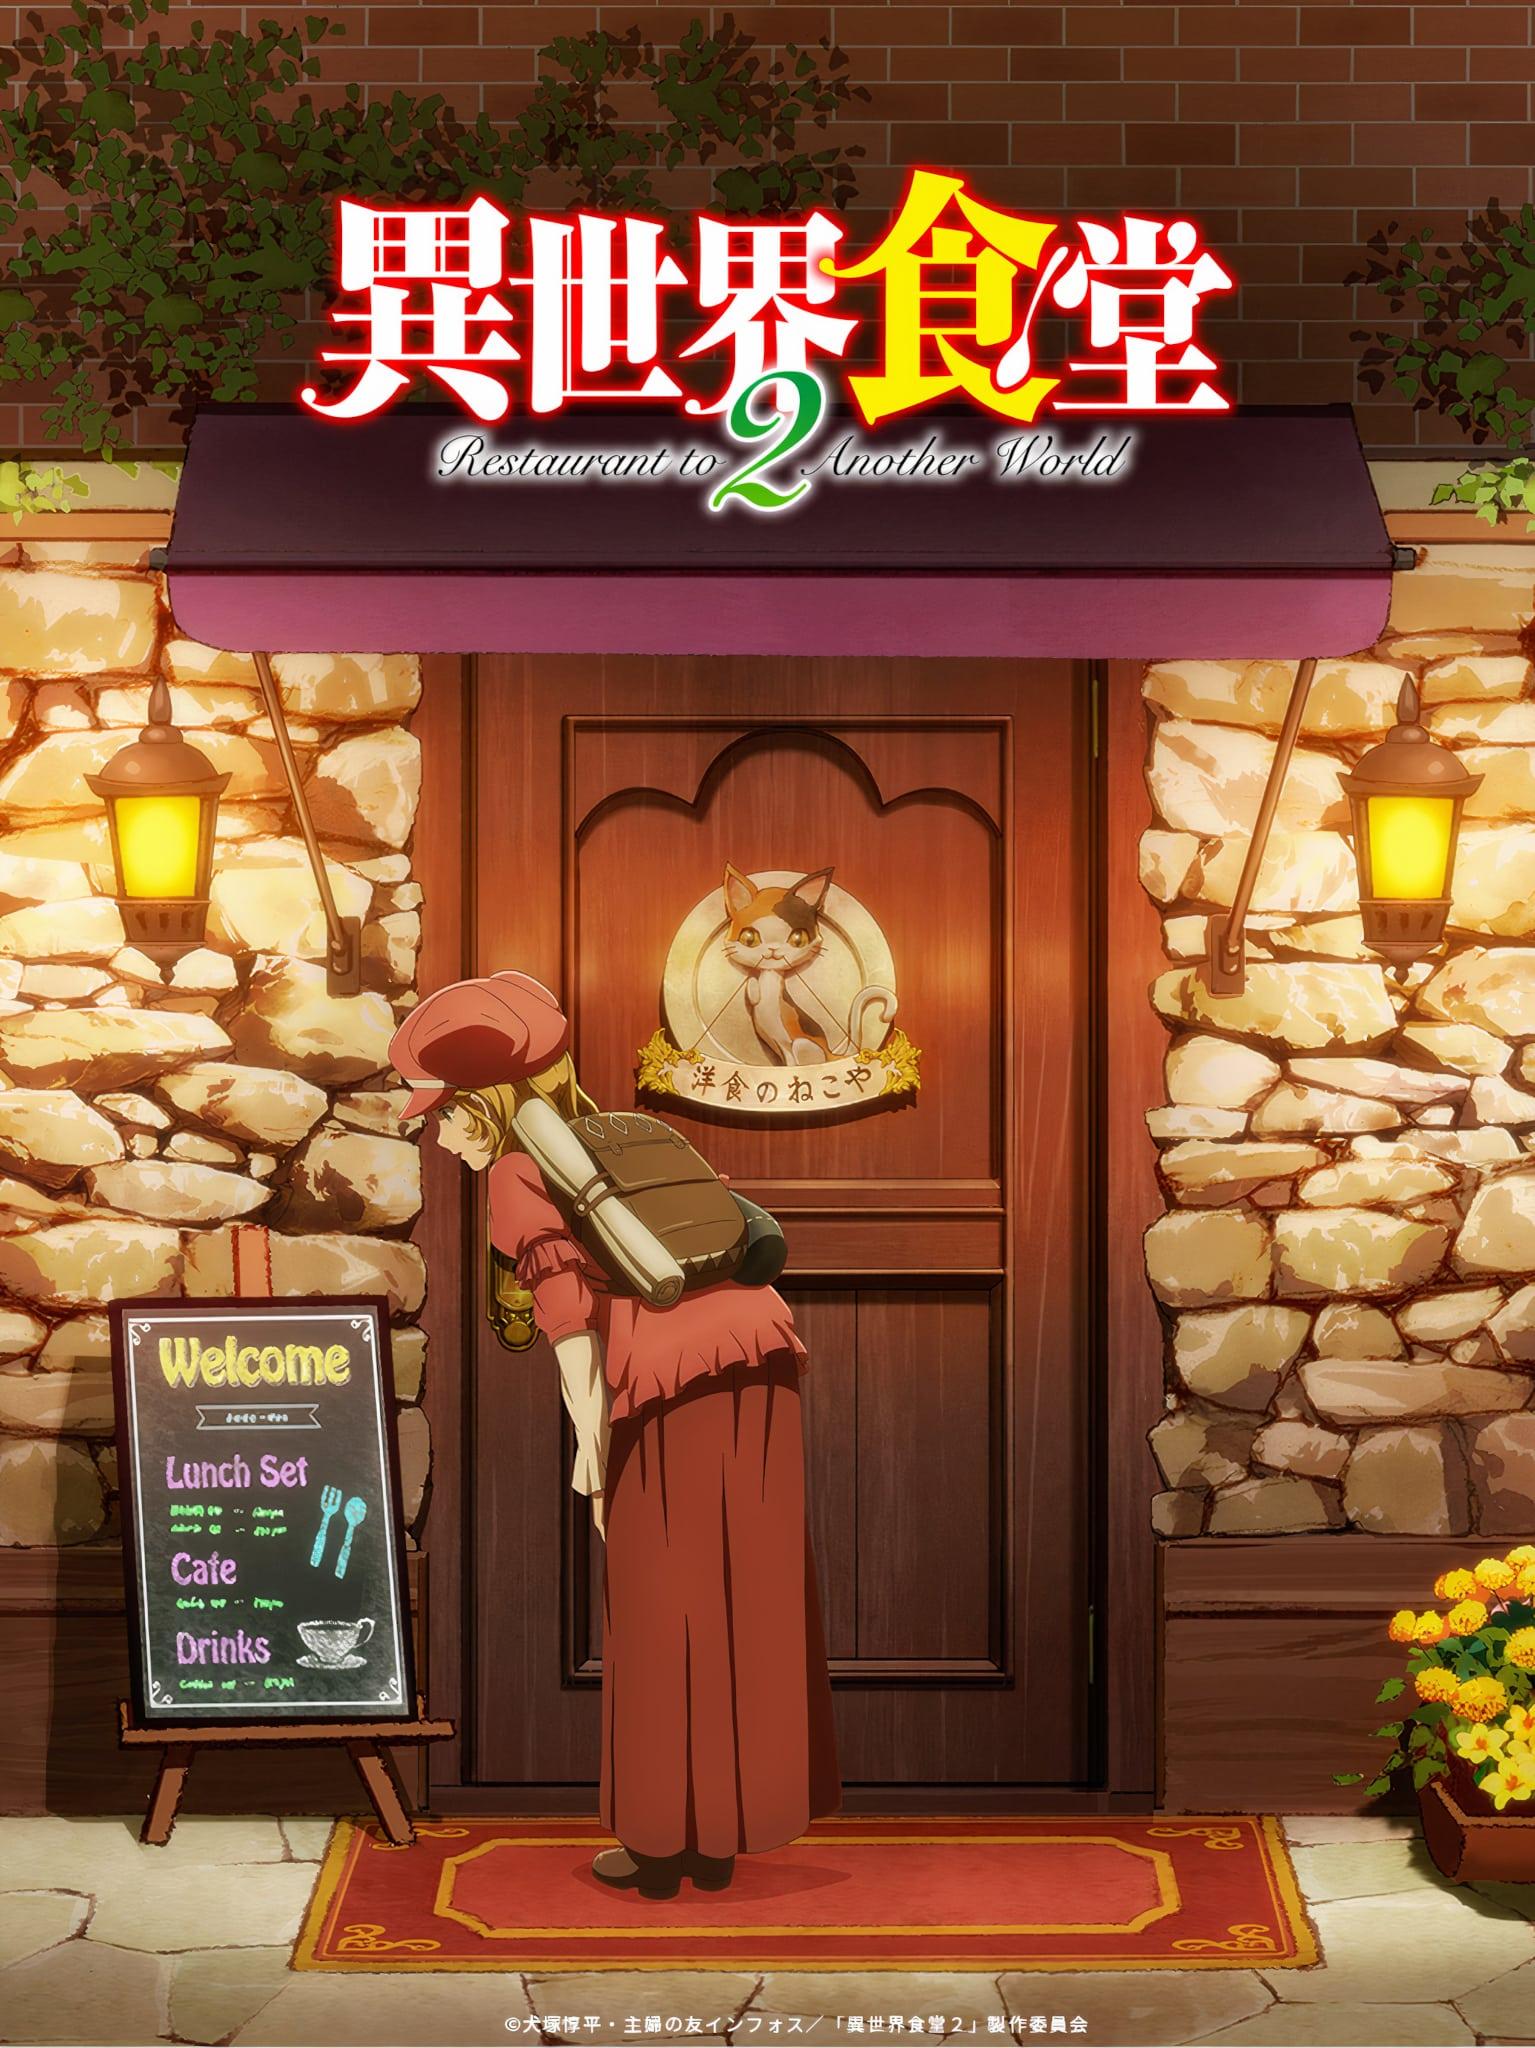 Restaurant to Another World Saison Visuel 1